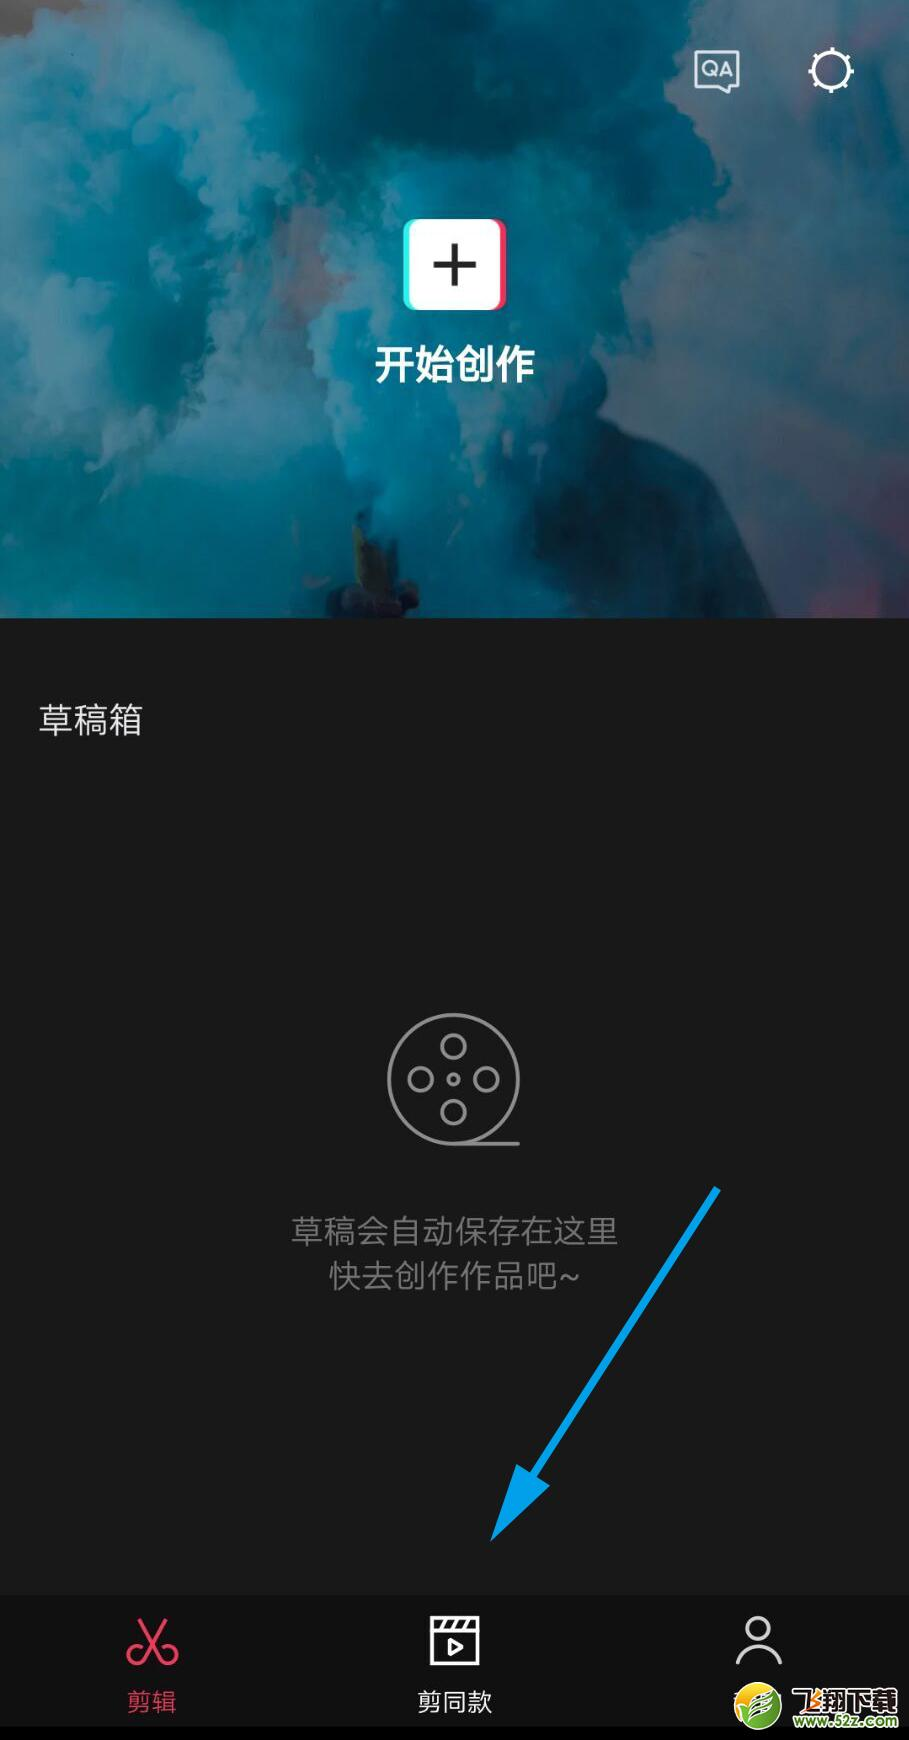 抖音app蝴蝶慢慢消散的视频制作方法教程